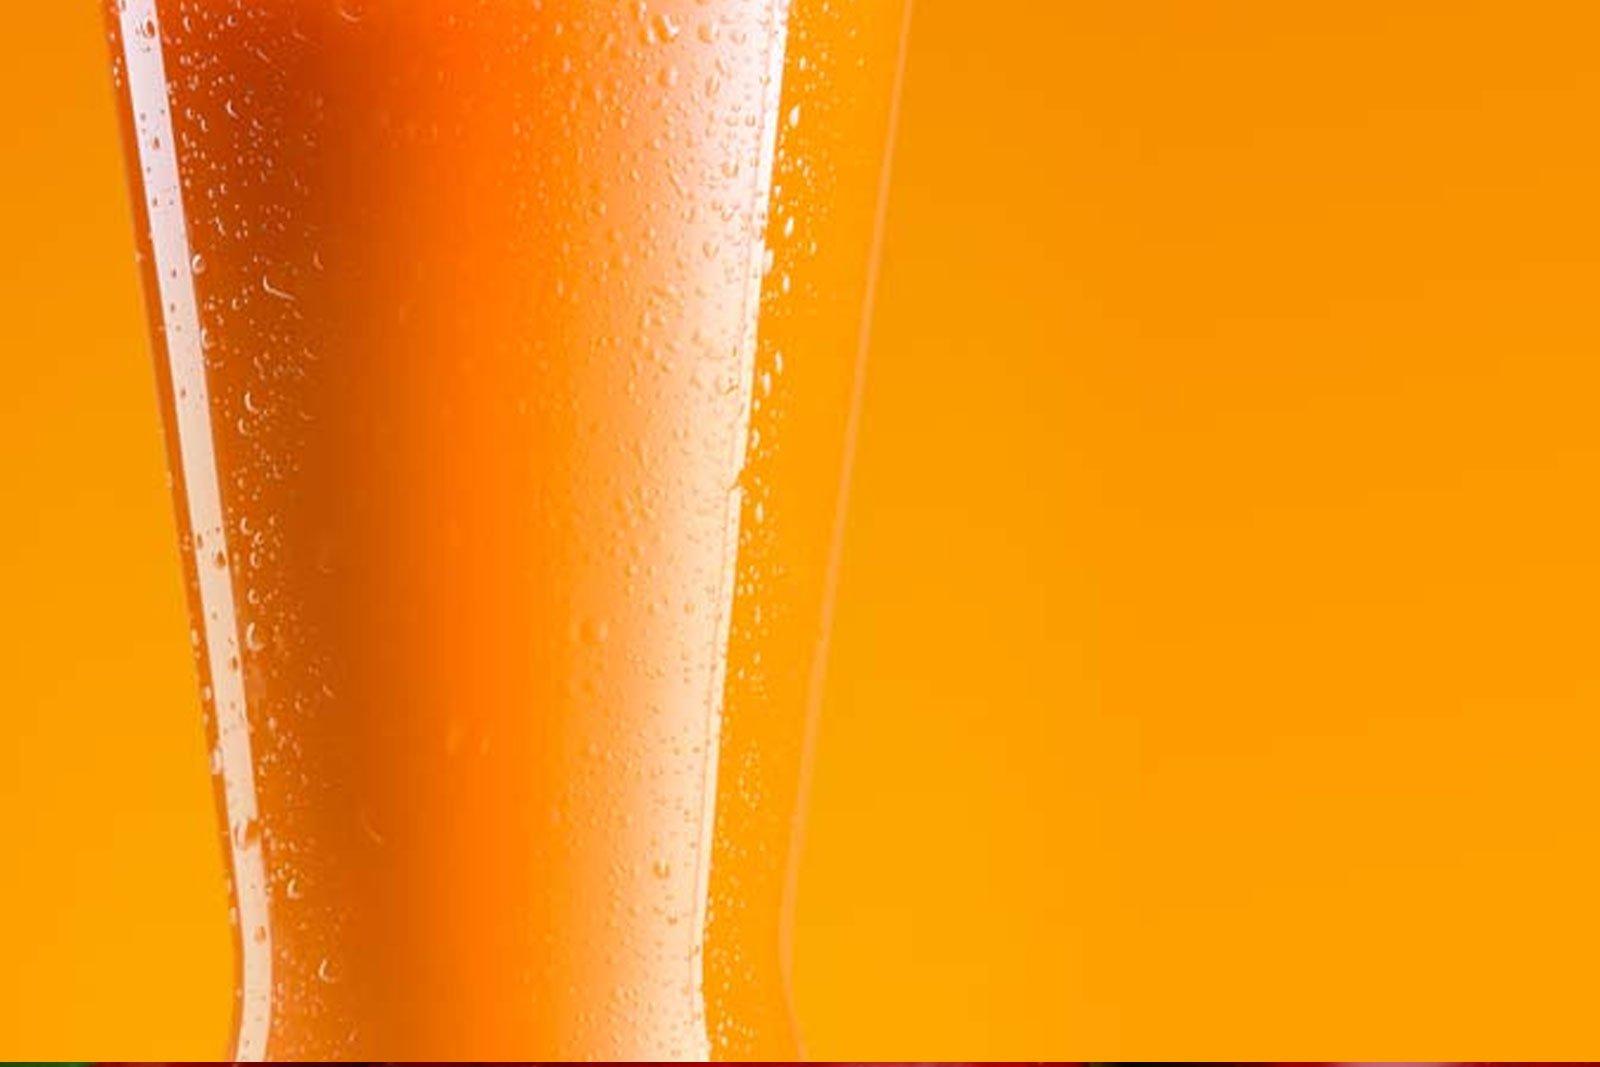 Orange juice close up